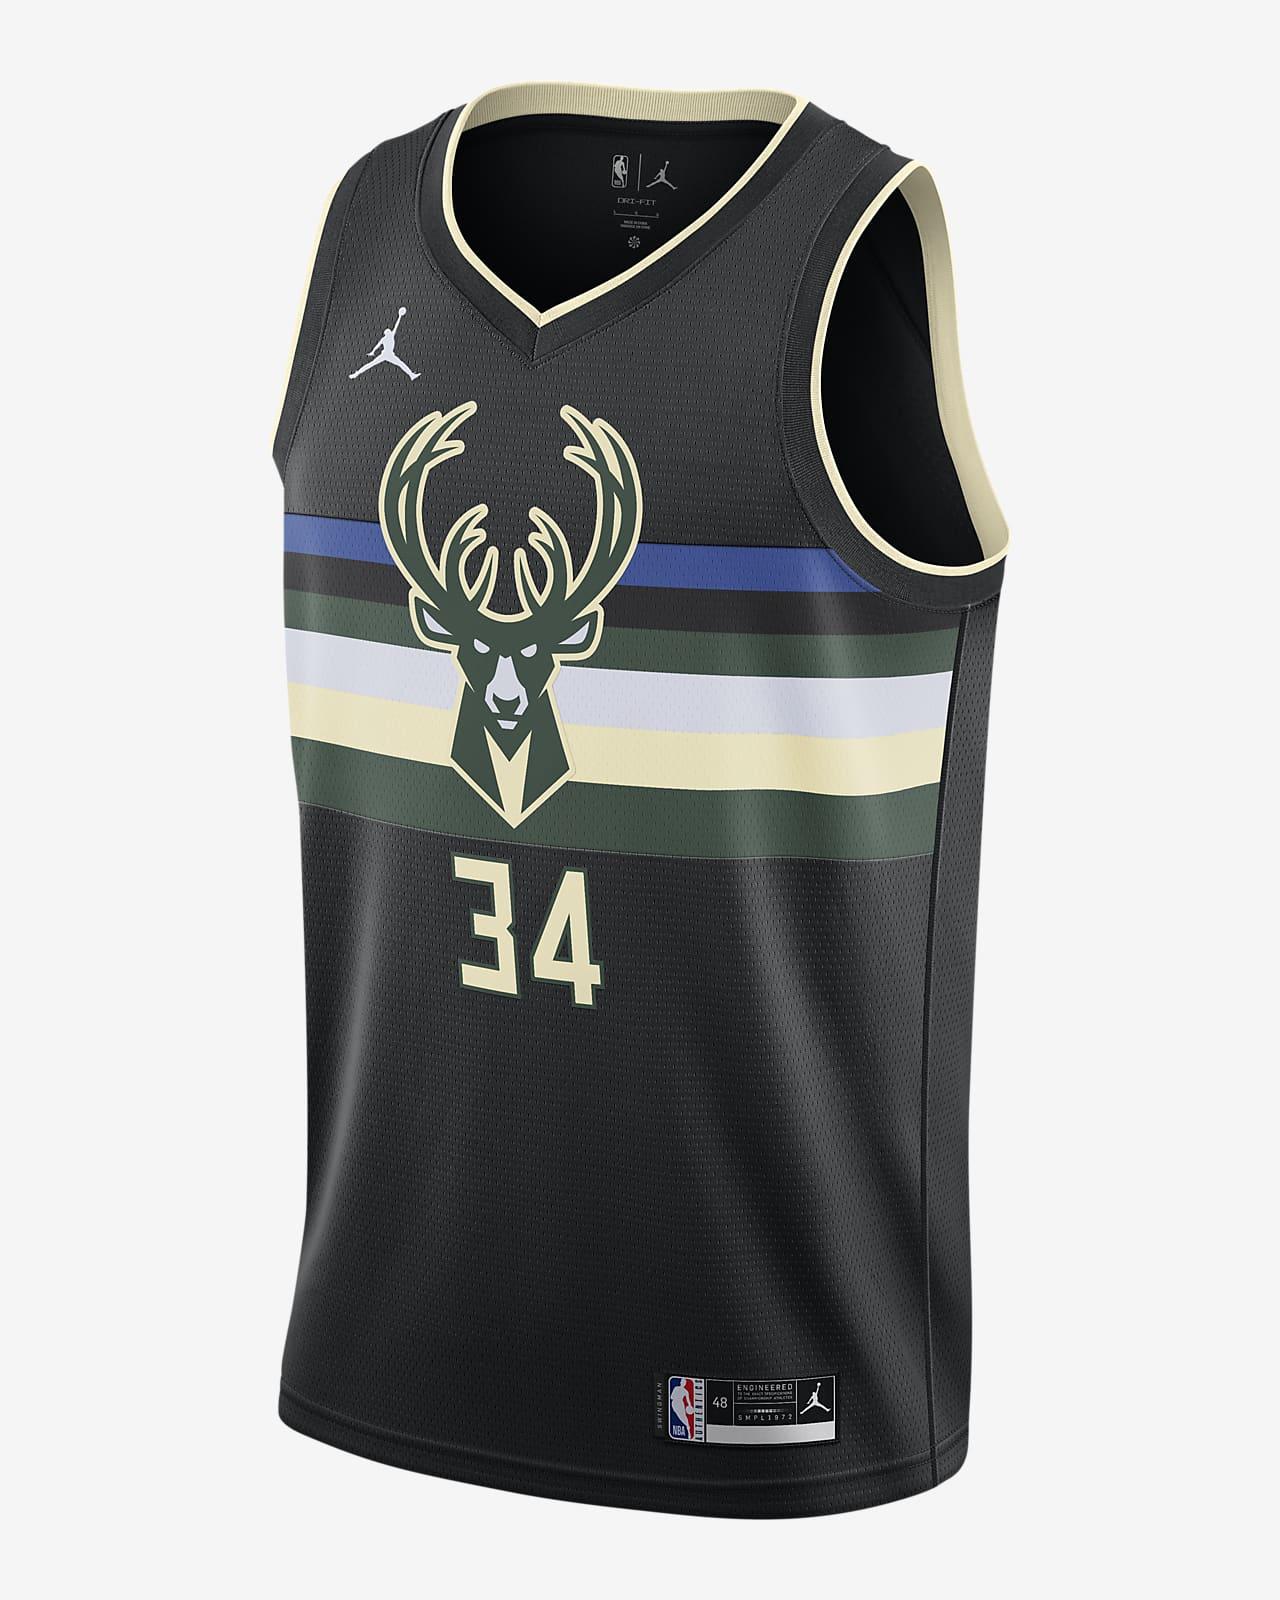 เสื้อแข่ง Jordan NBA Swingman Giannis Antetokounmpo Bucks Statement Edition 2020